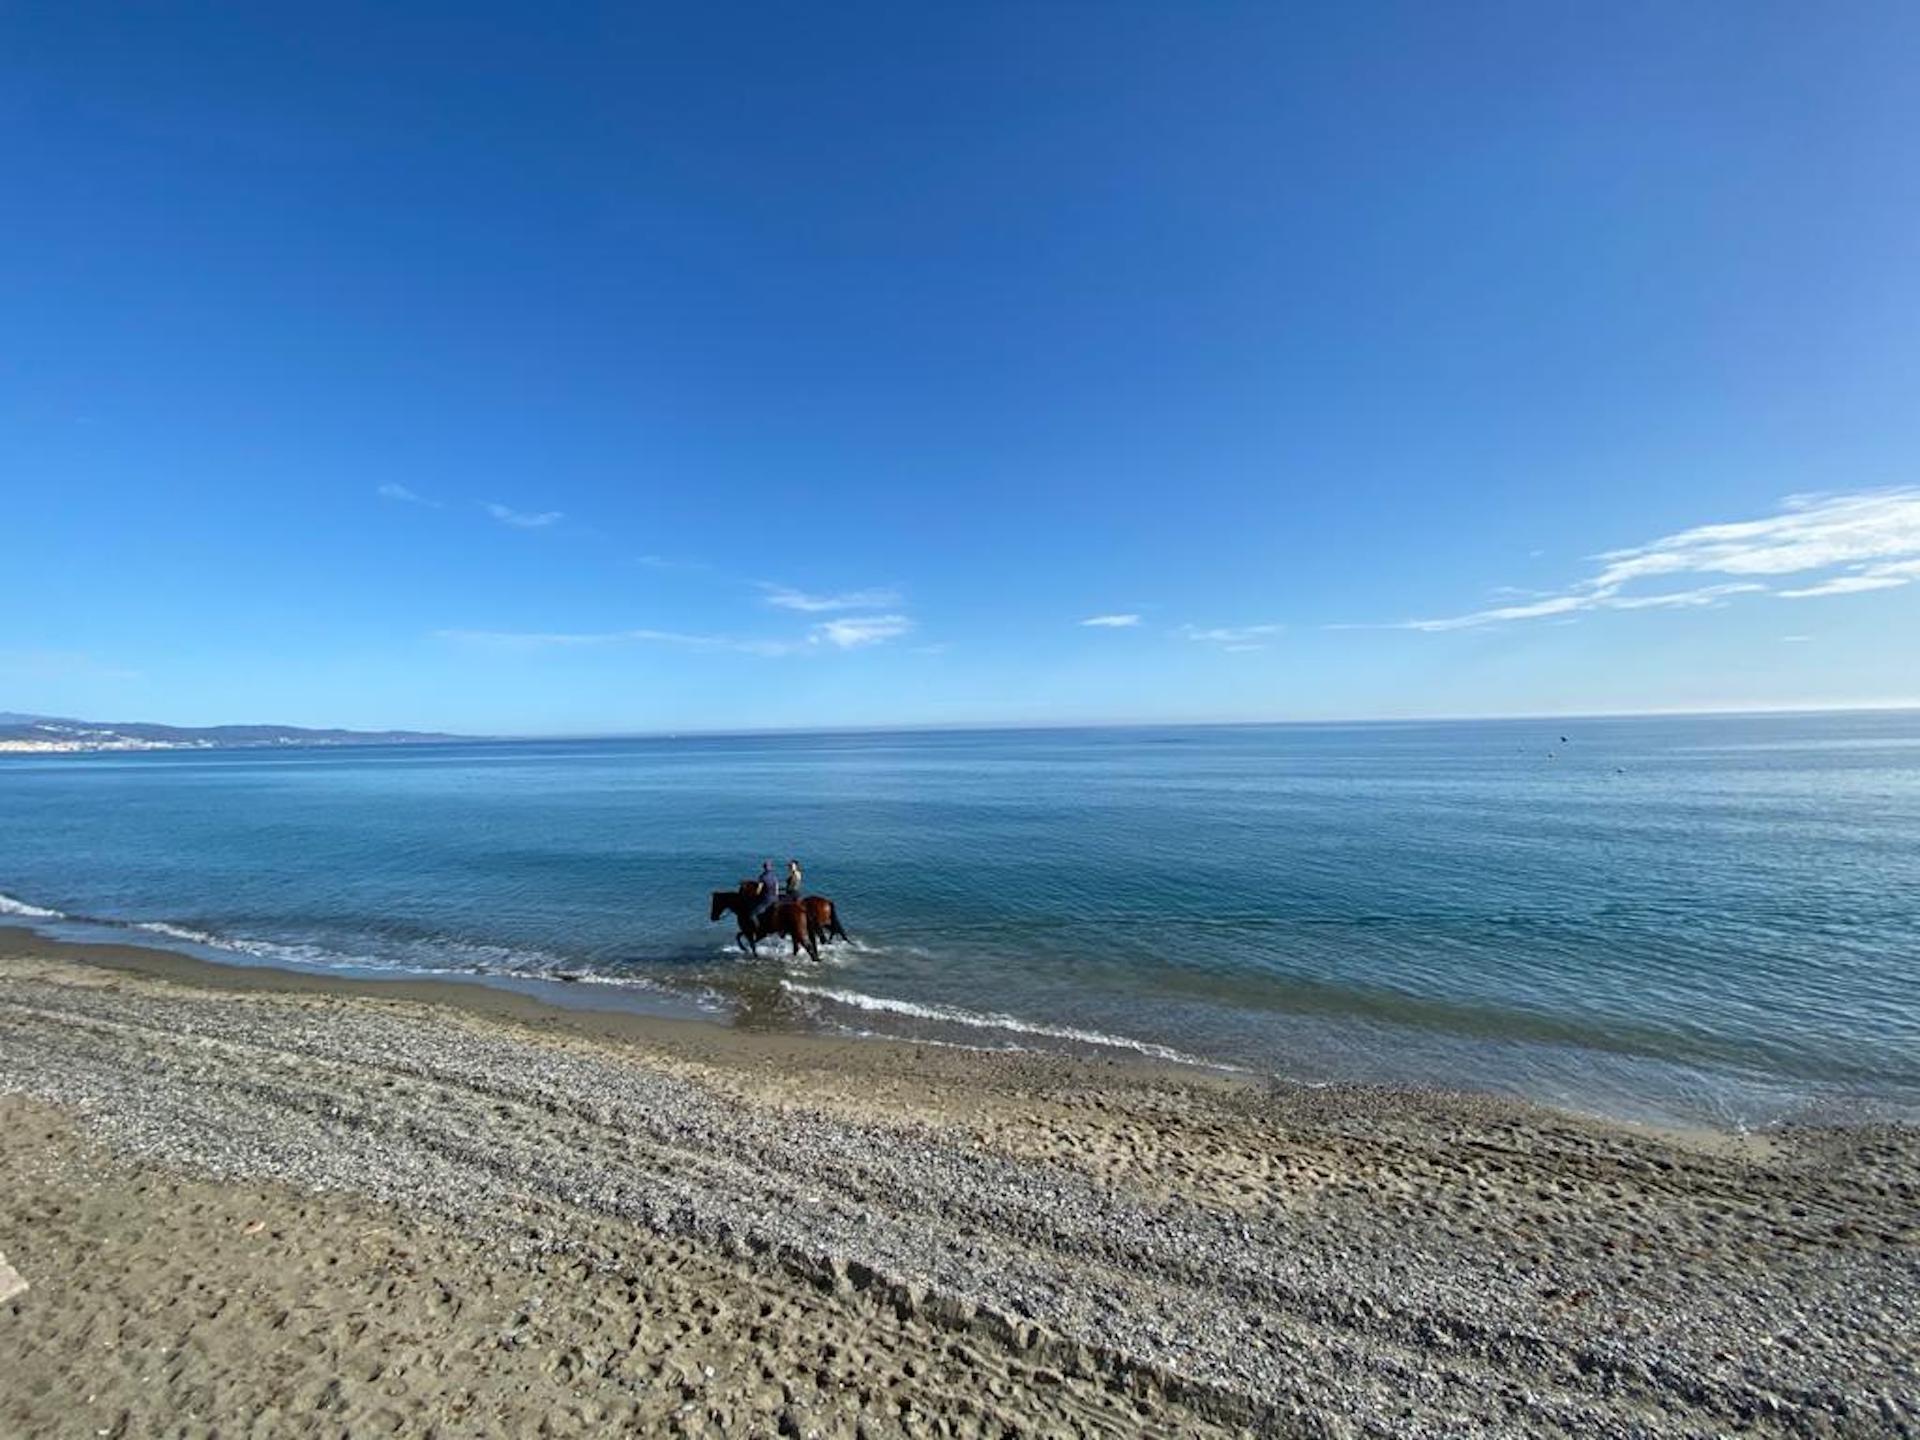 Beach horse promenade in Marbella beach